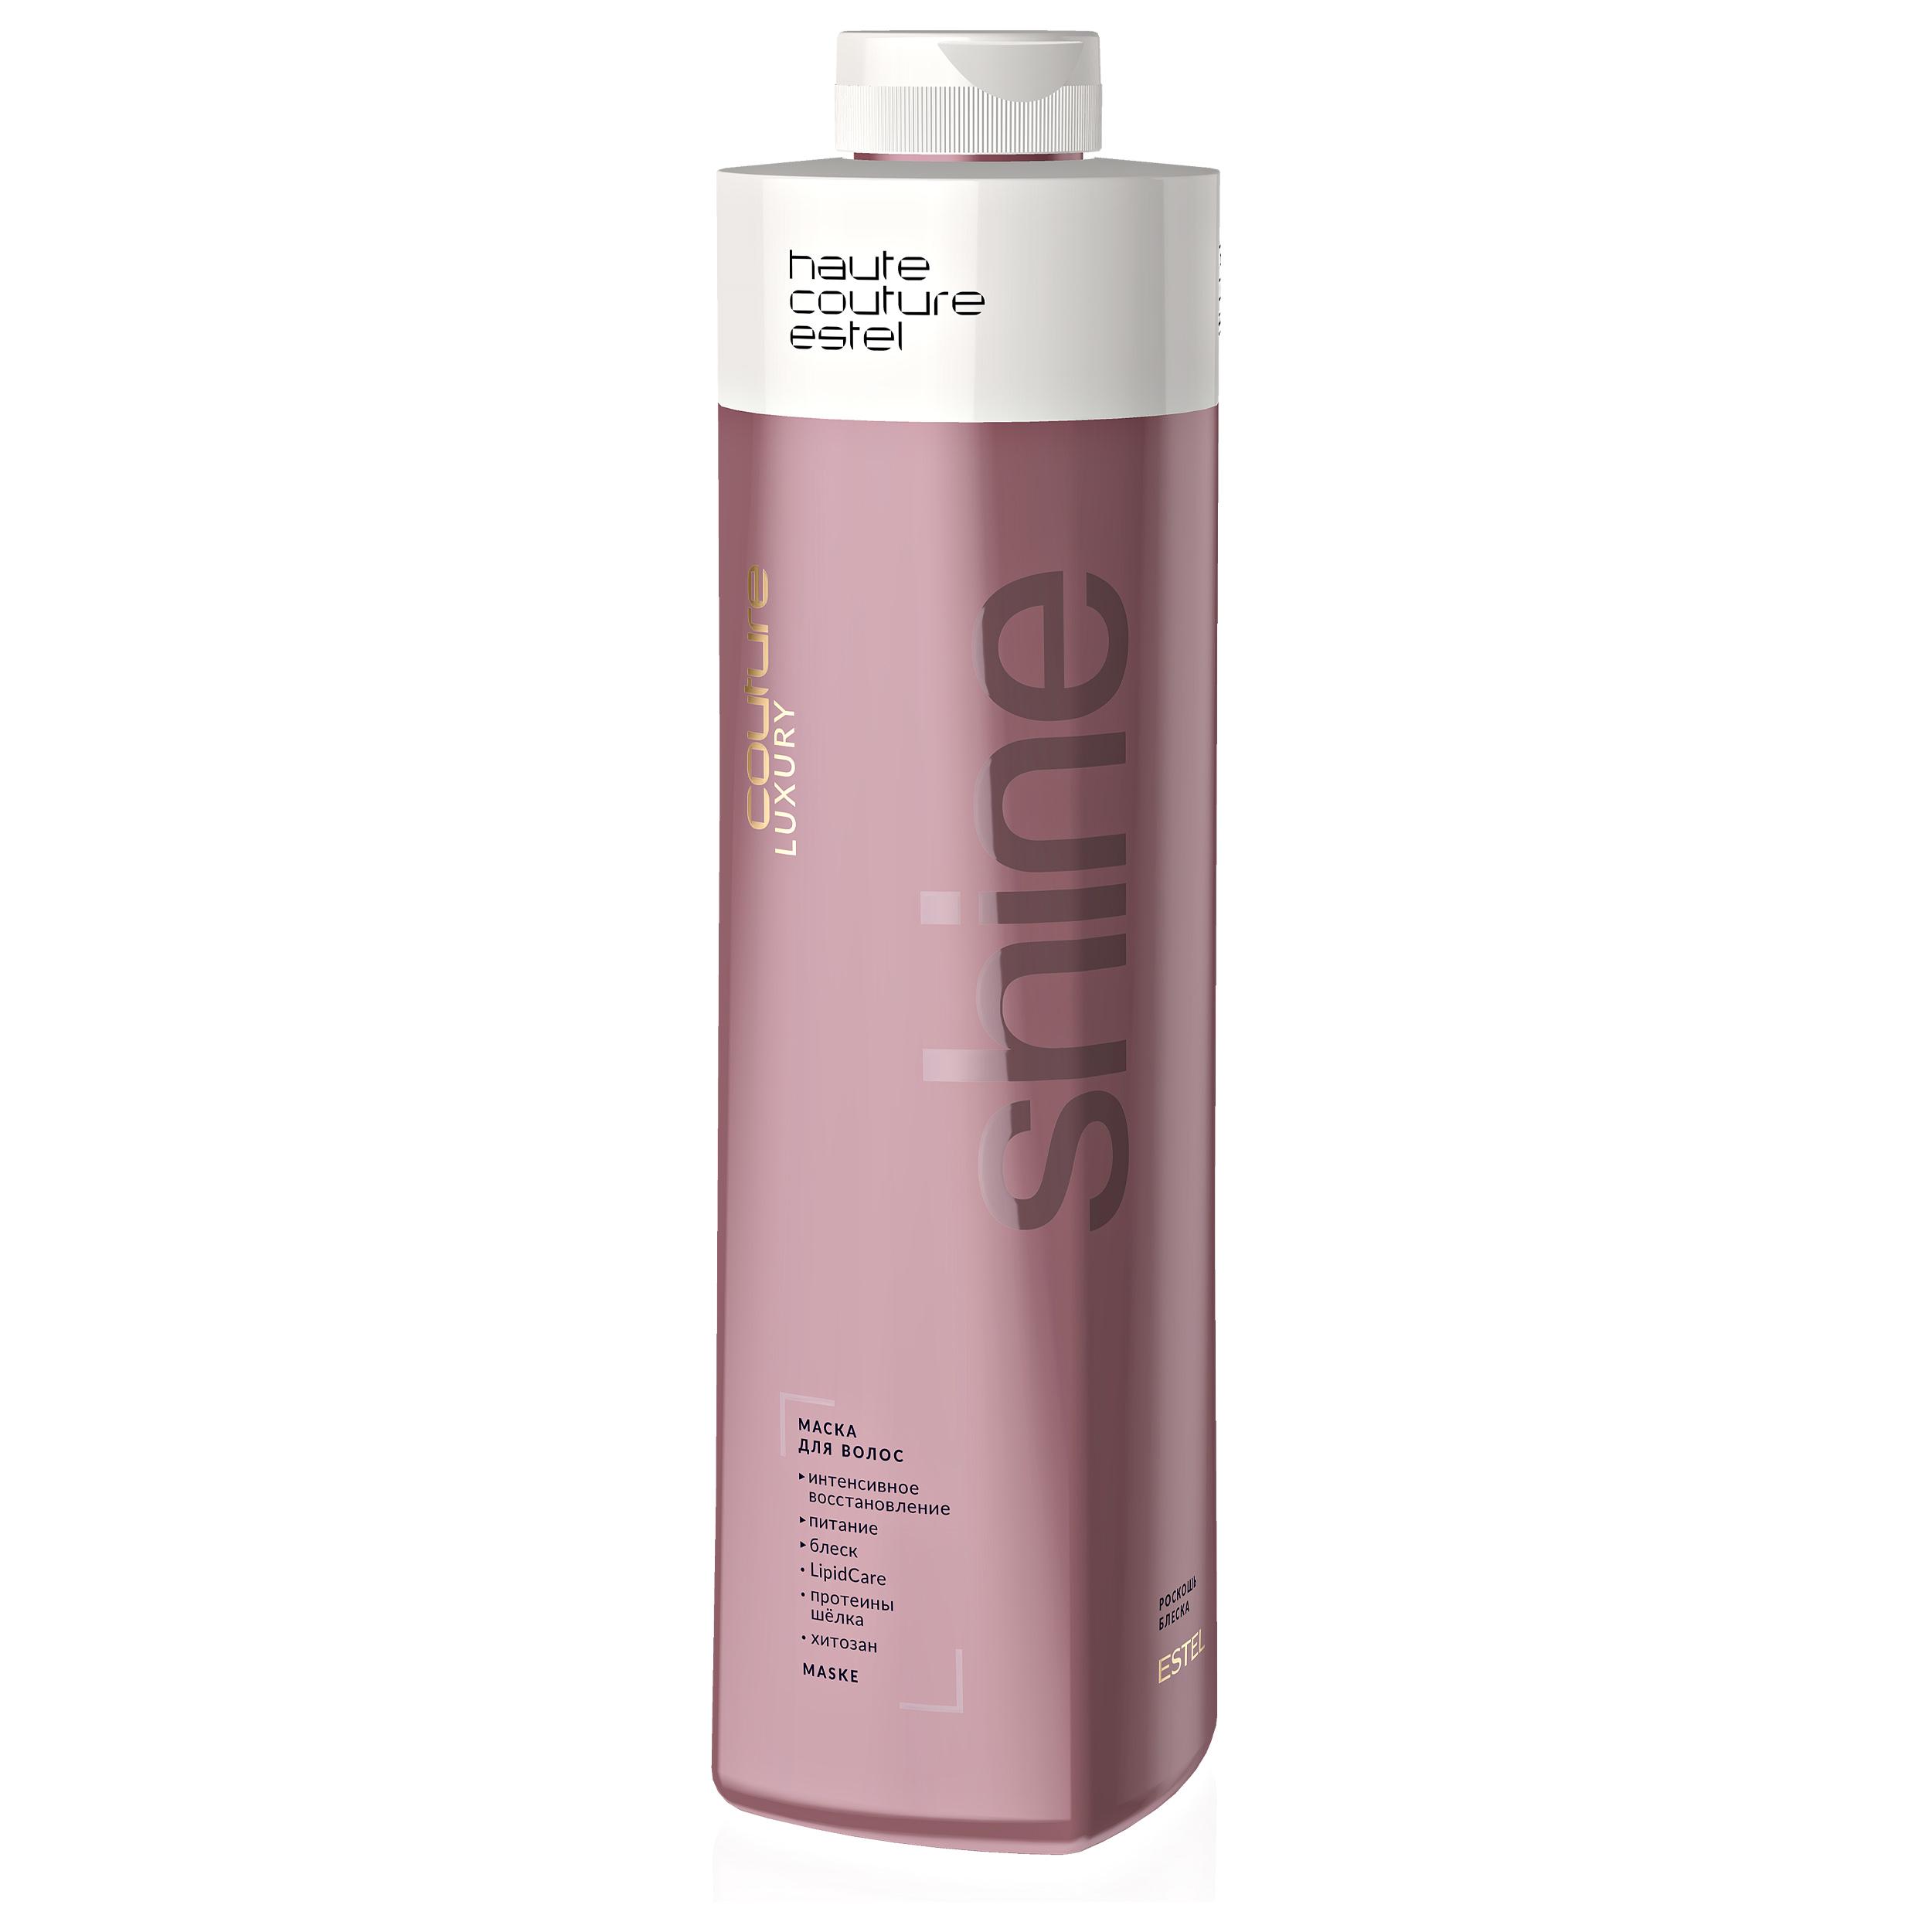 Купить Estel Маска для волос Luxury Shine Haute Couture, 1000 мл (Estel, Luxury Shine), Россия